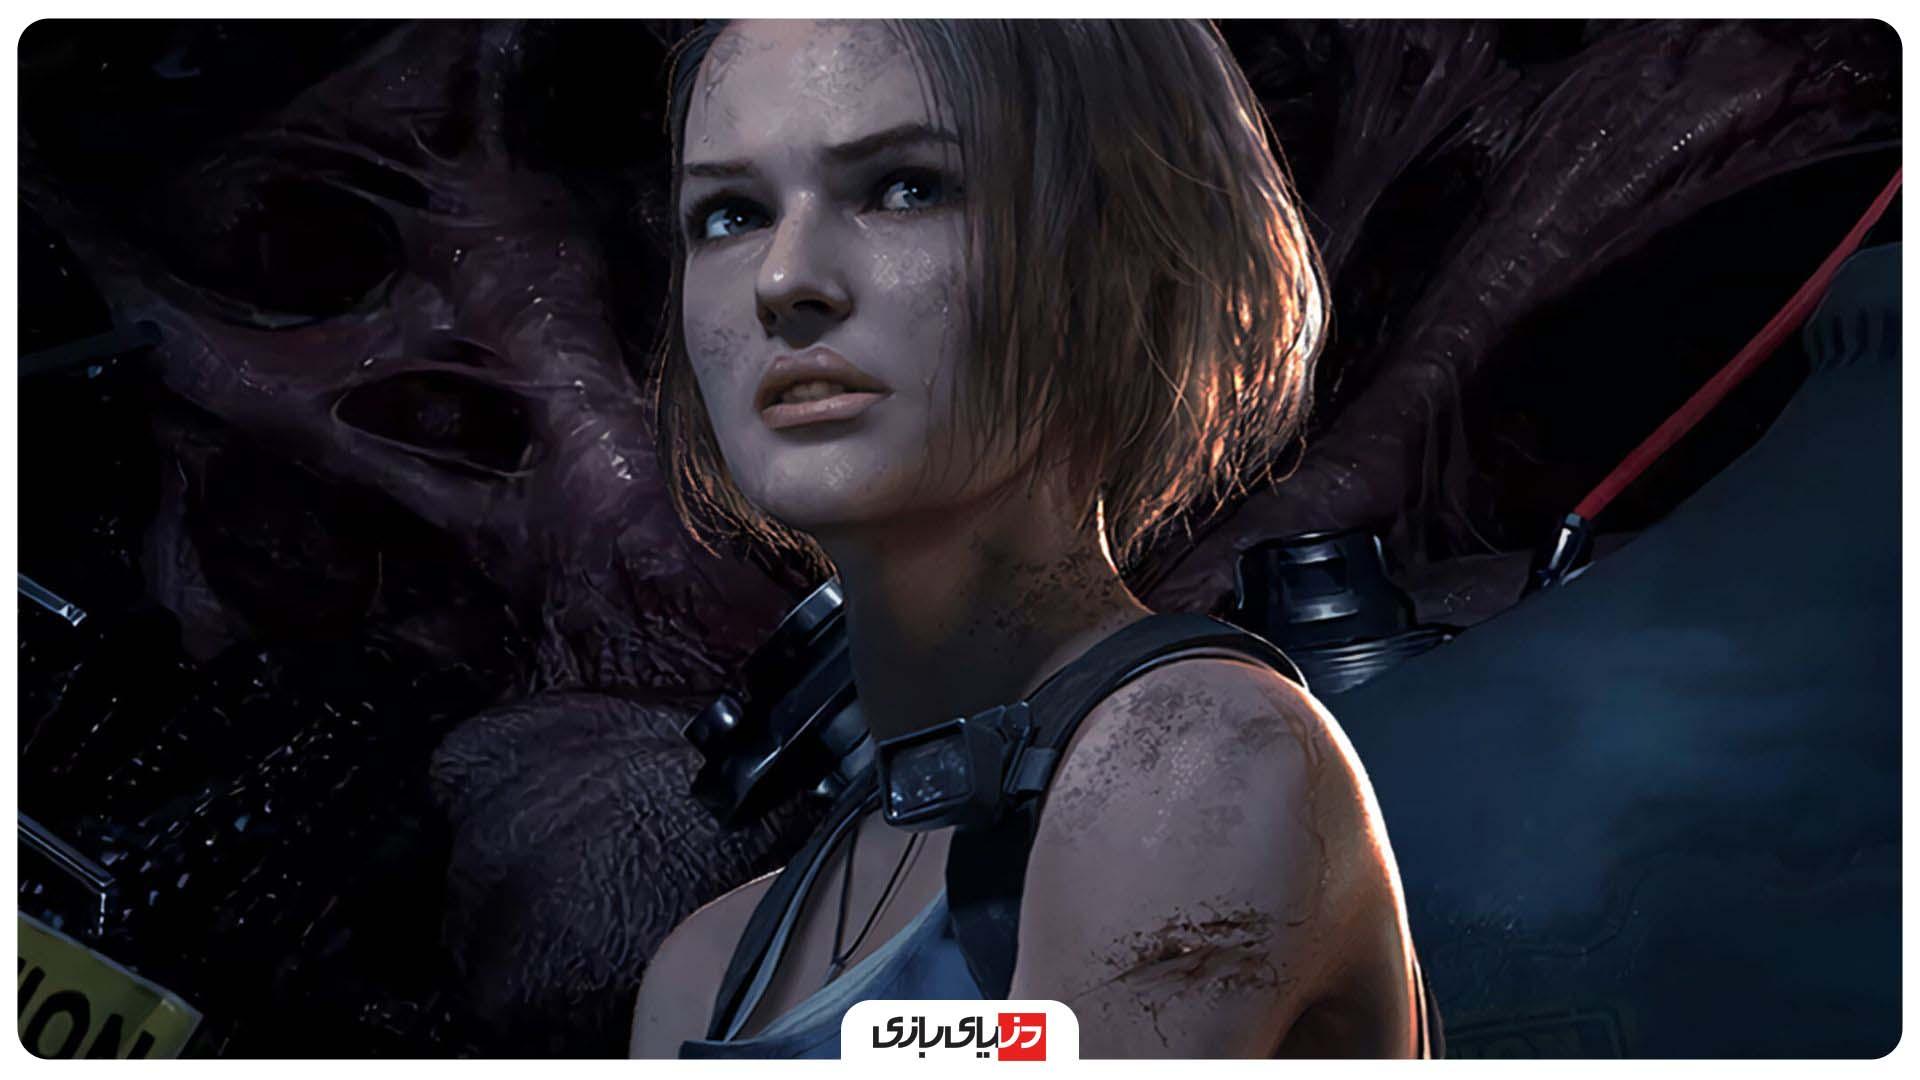 ده برتر - بهترین بازیها از نظر IGN – بازی Resident Evil 3